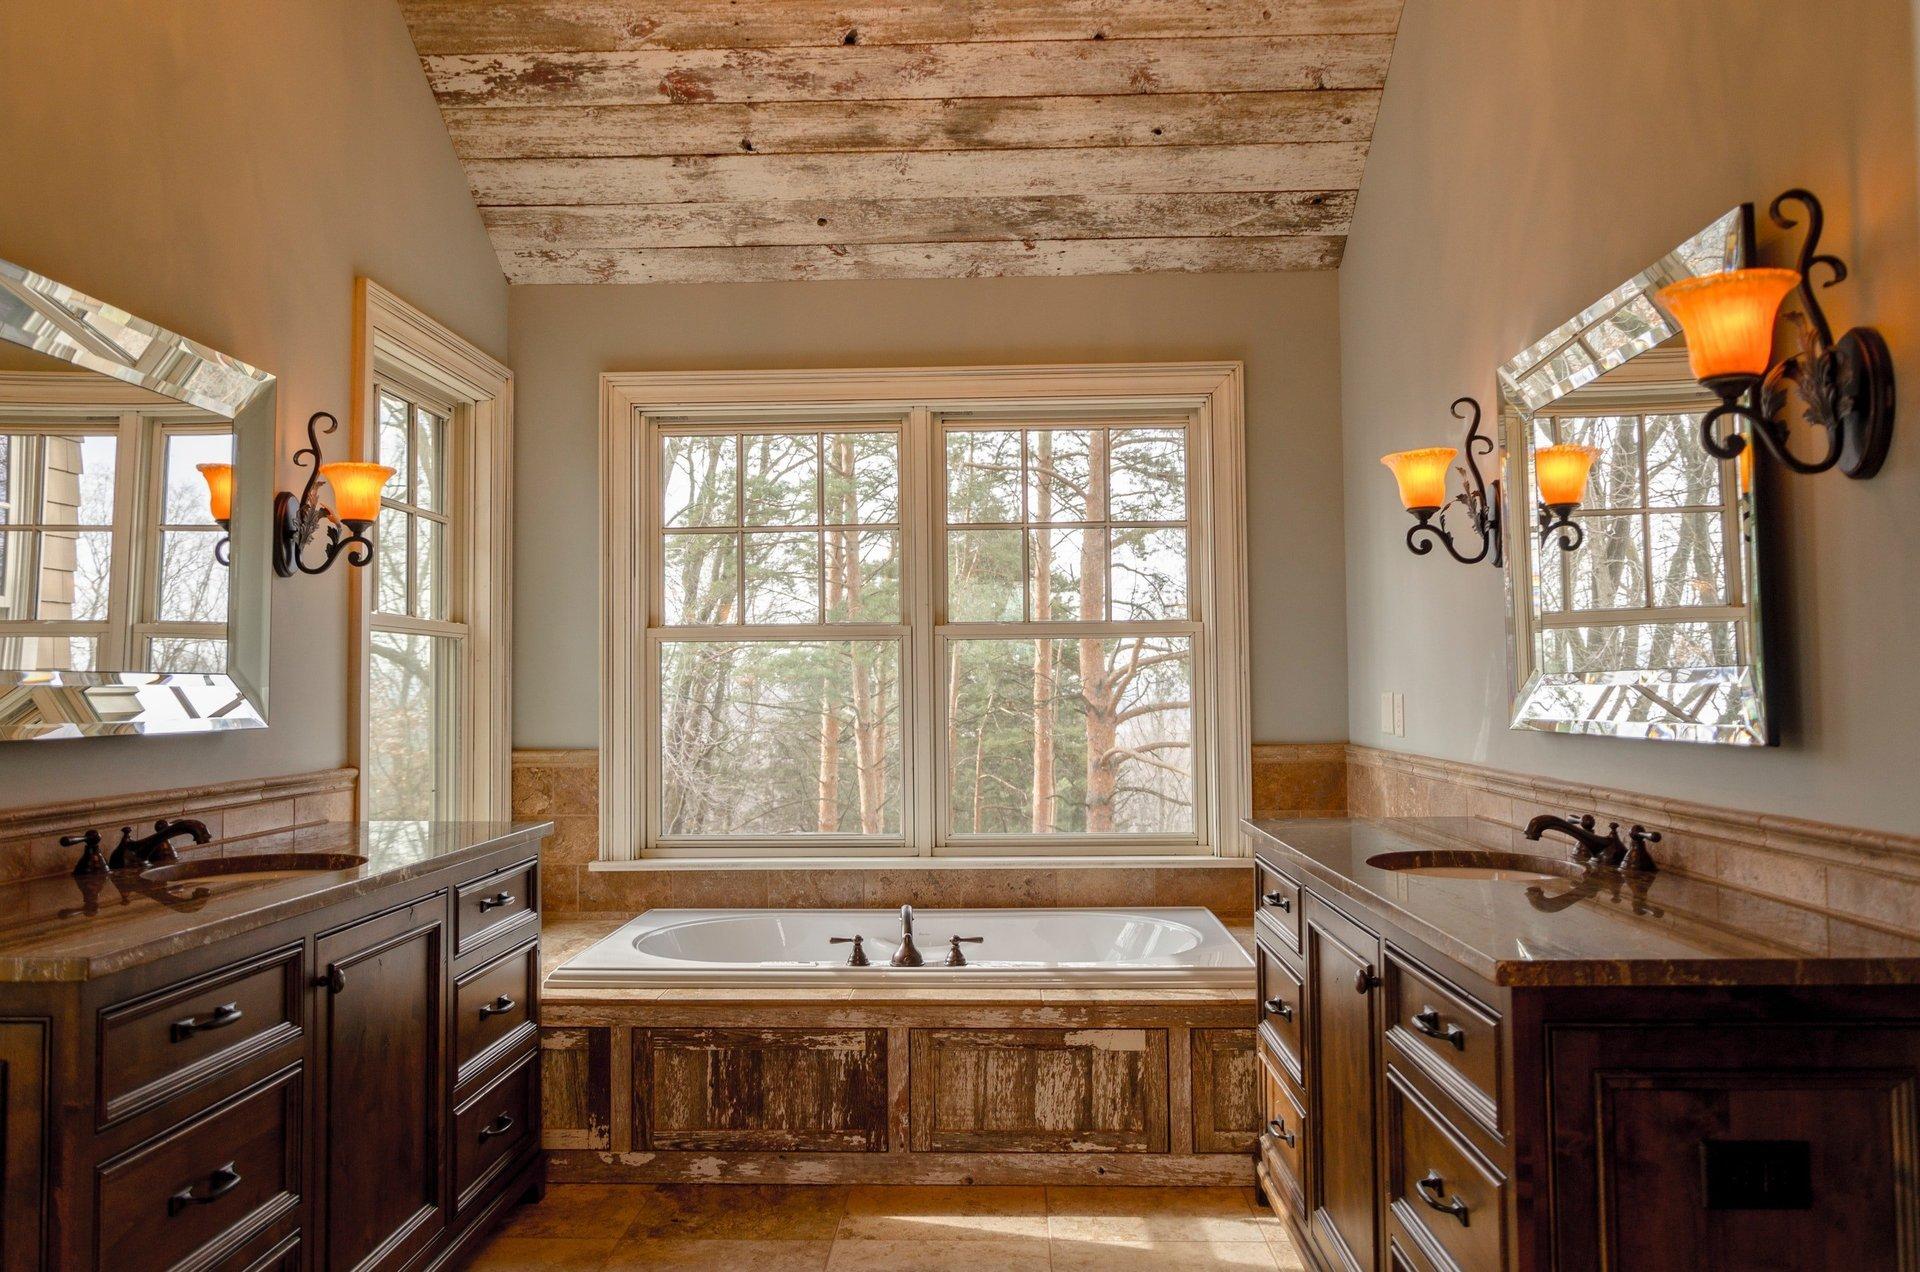 bathroom remodeling greater st louis mo st evans inc. Black Bedroom Furniture Sets. Home Design Ideas